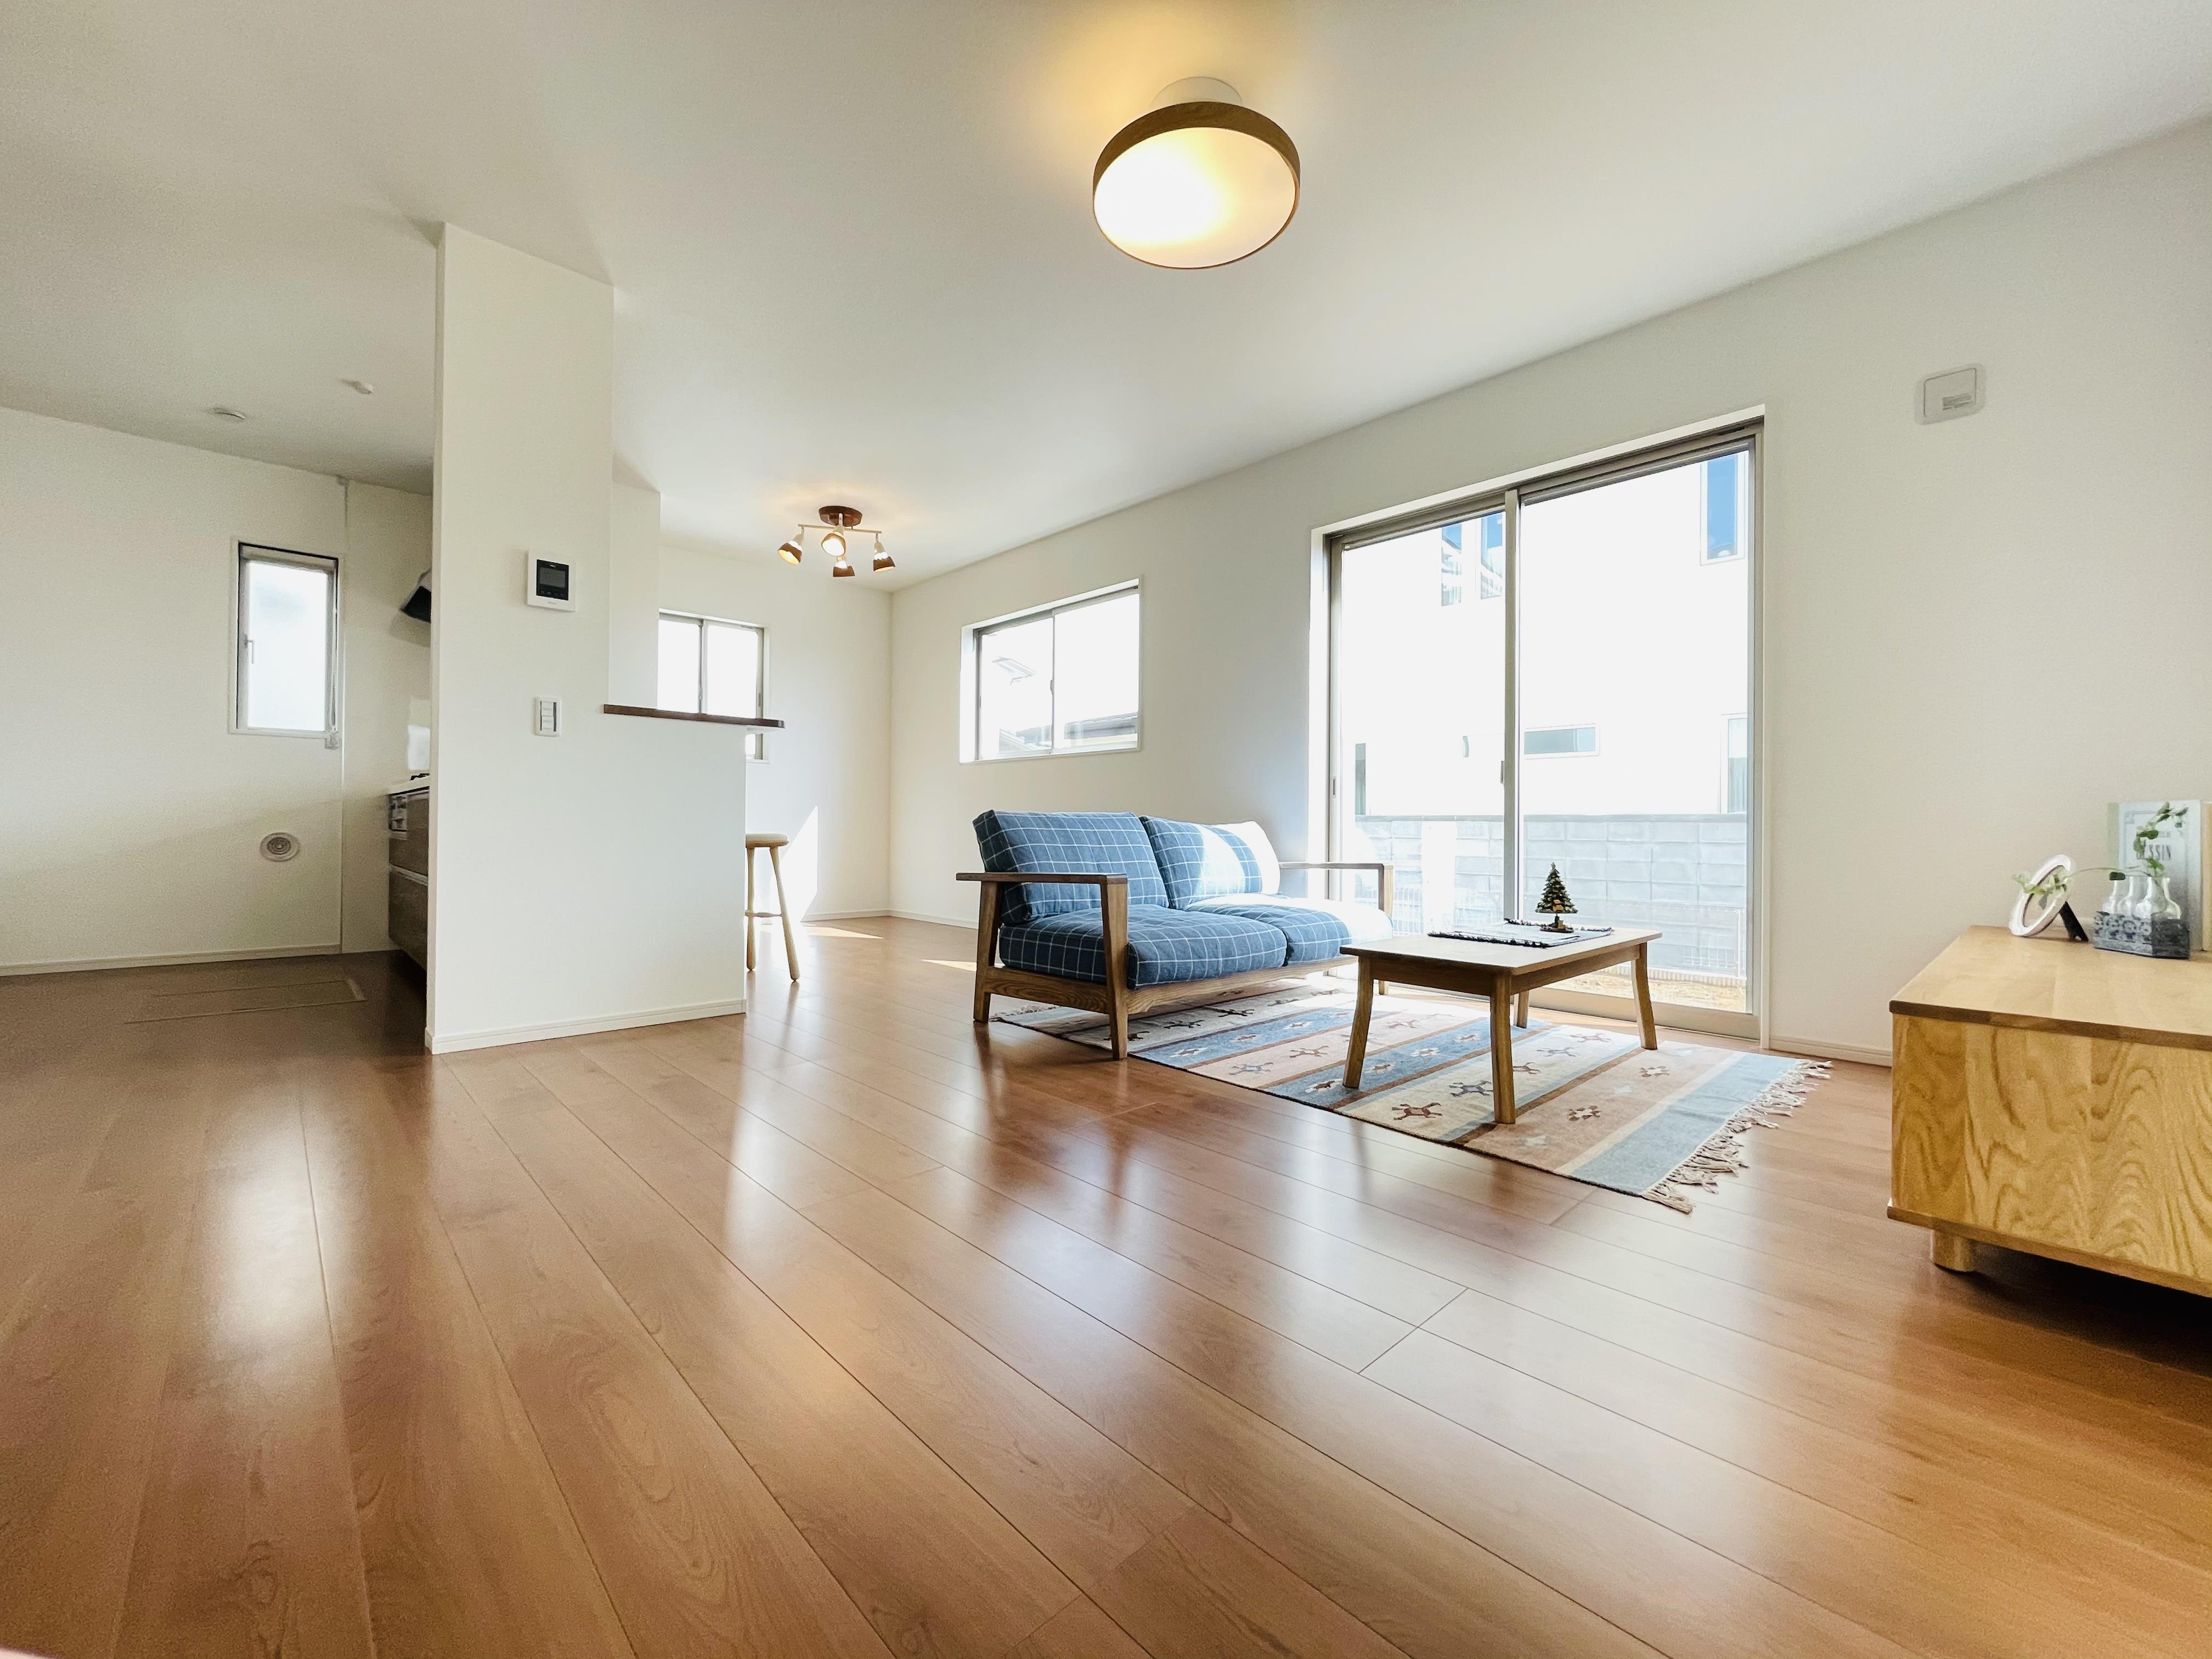 家具を選ばないシンプルなデザインのリビング。大きな掃き出し窓が光を取り込み、明るい室内です。